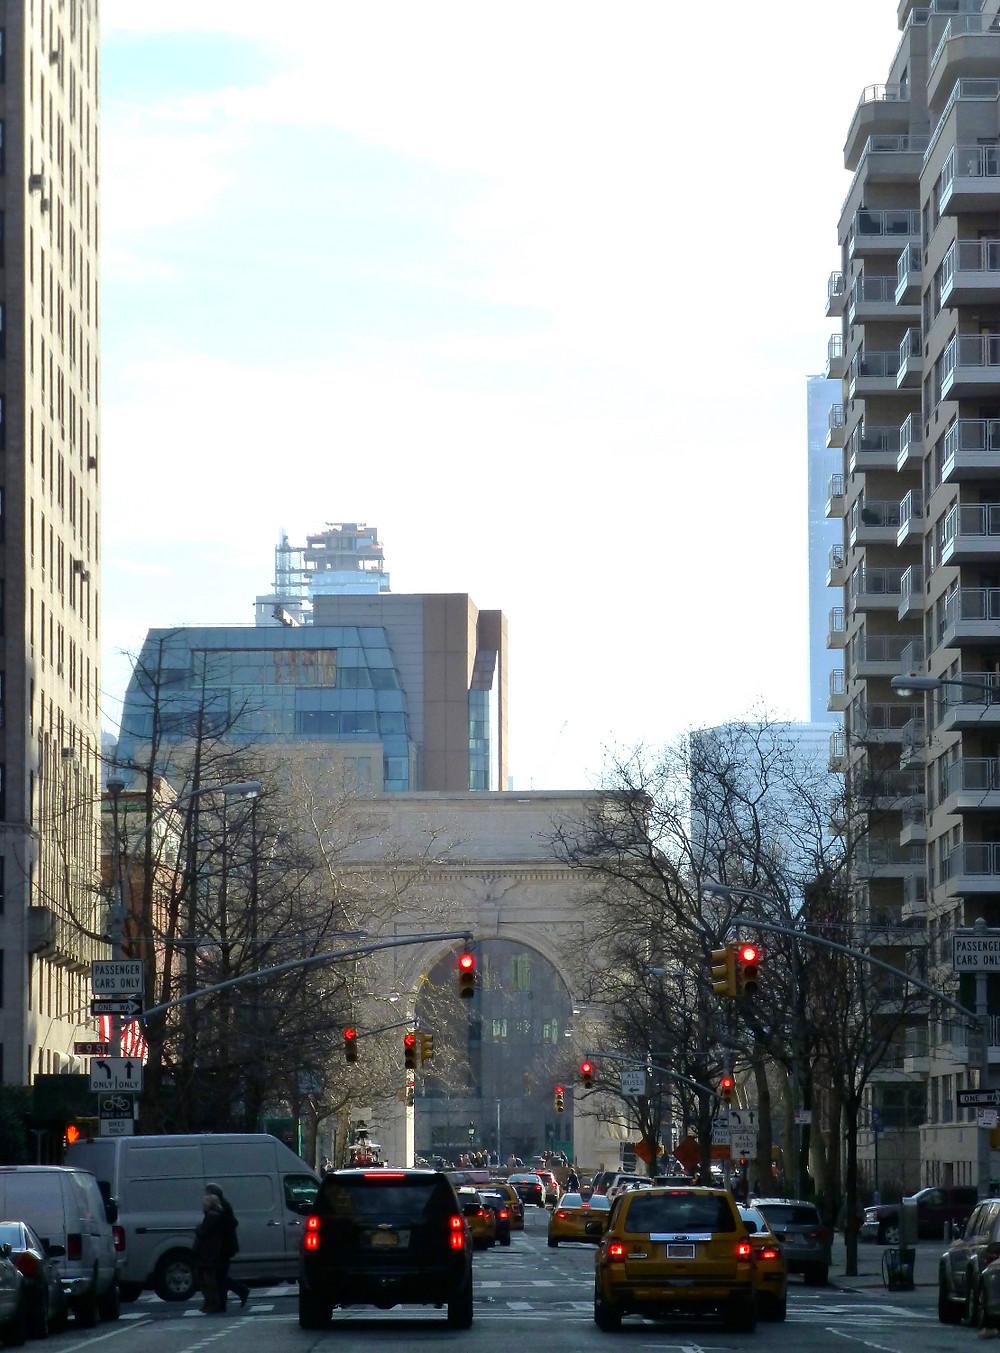 ワシントンスクエアパークの美しいアーチ